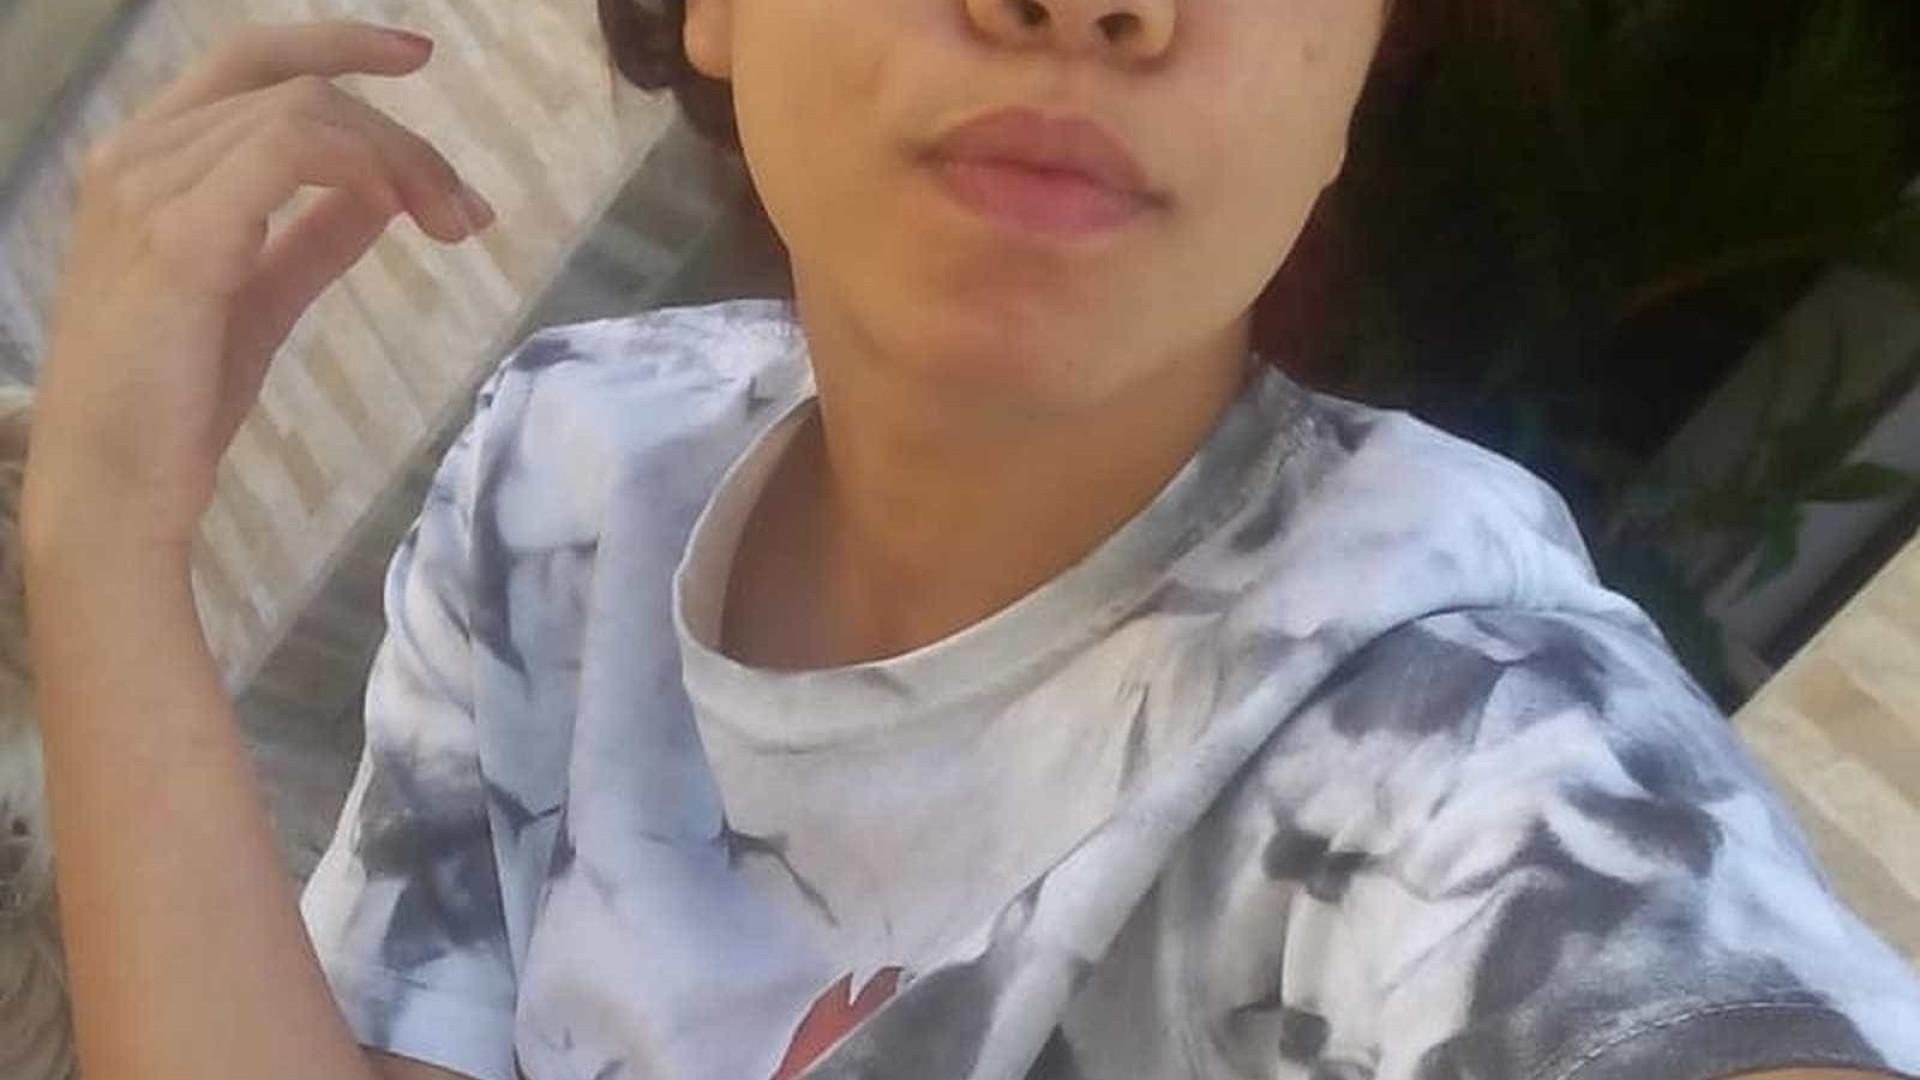 Jovem é flagrada com desconhecida e desaparece em rodoviária de SP